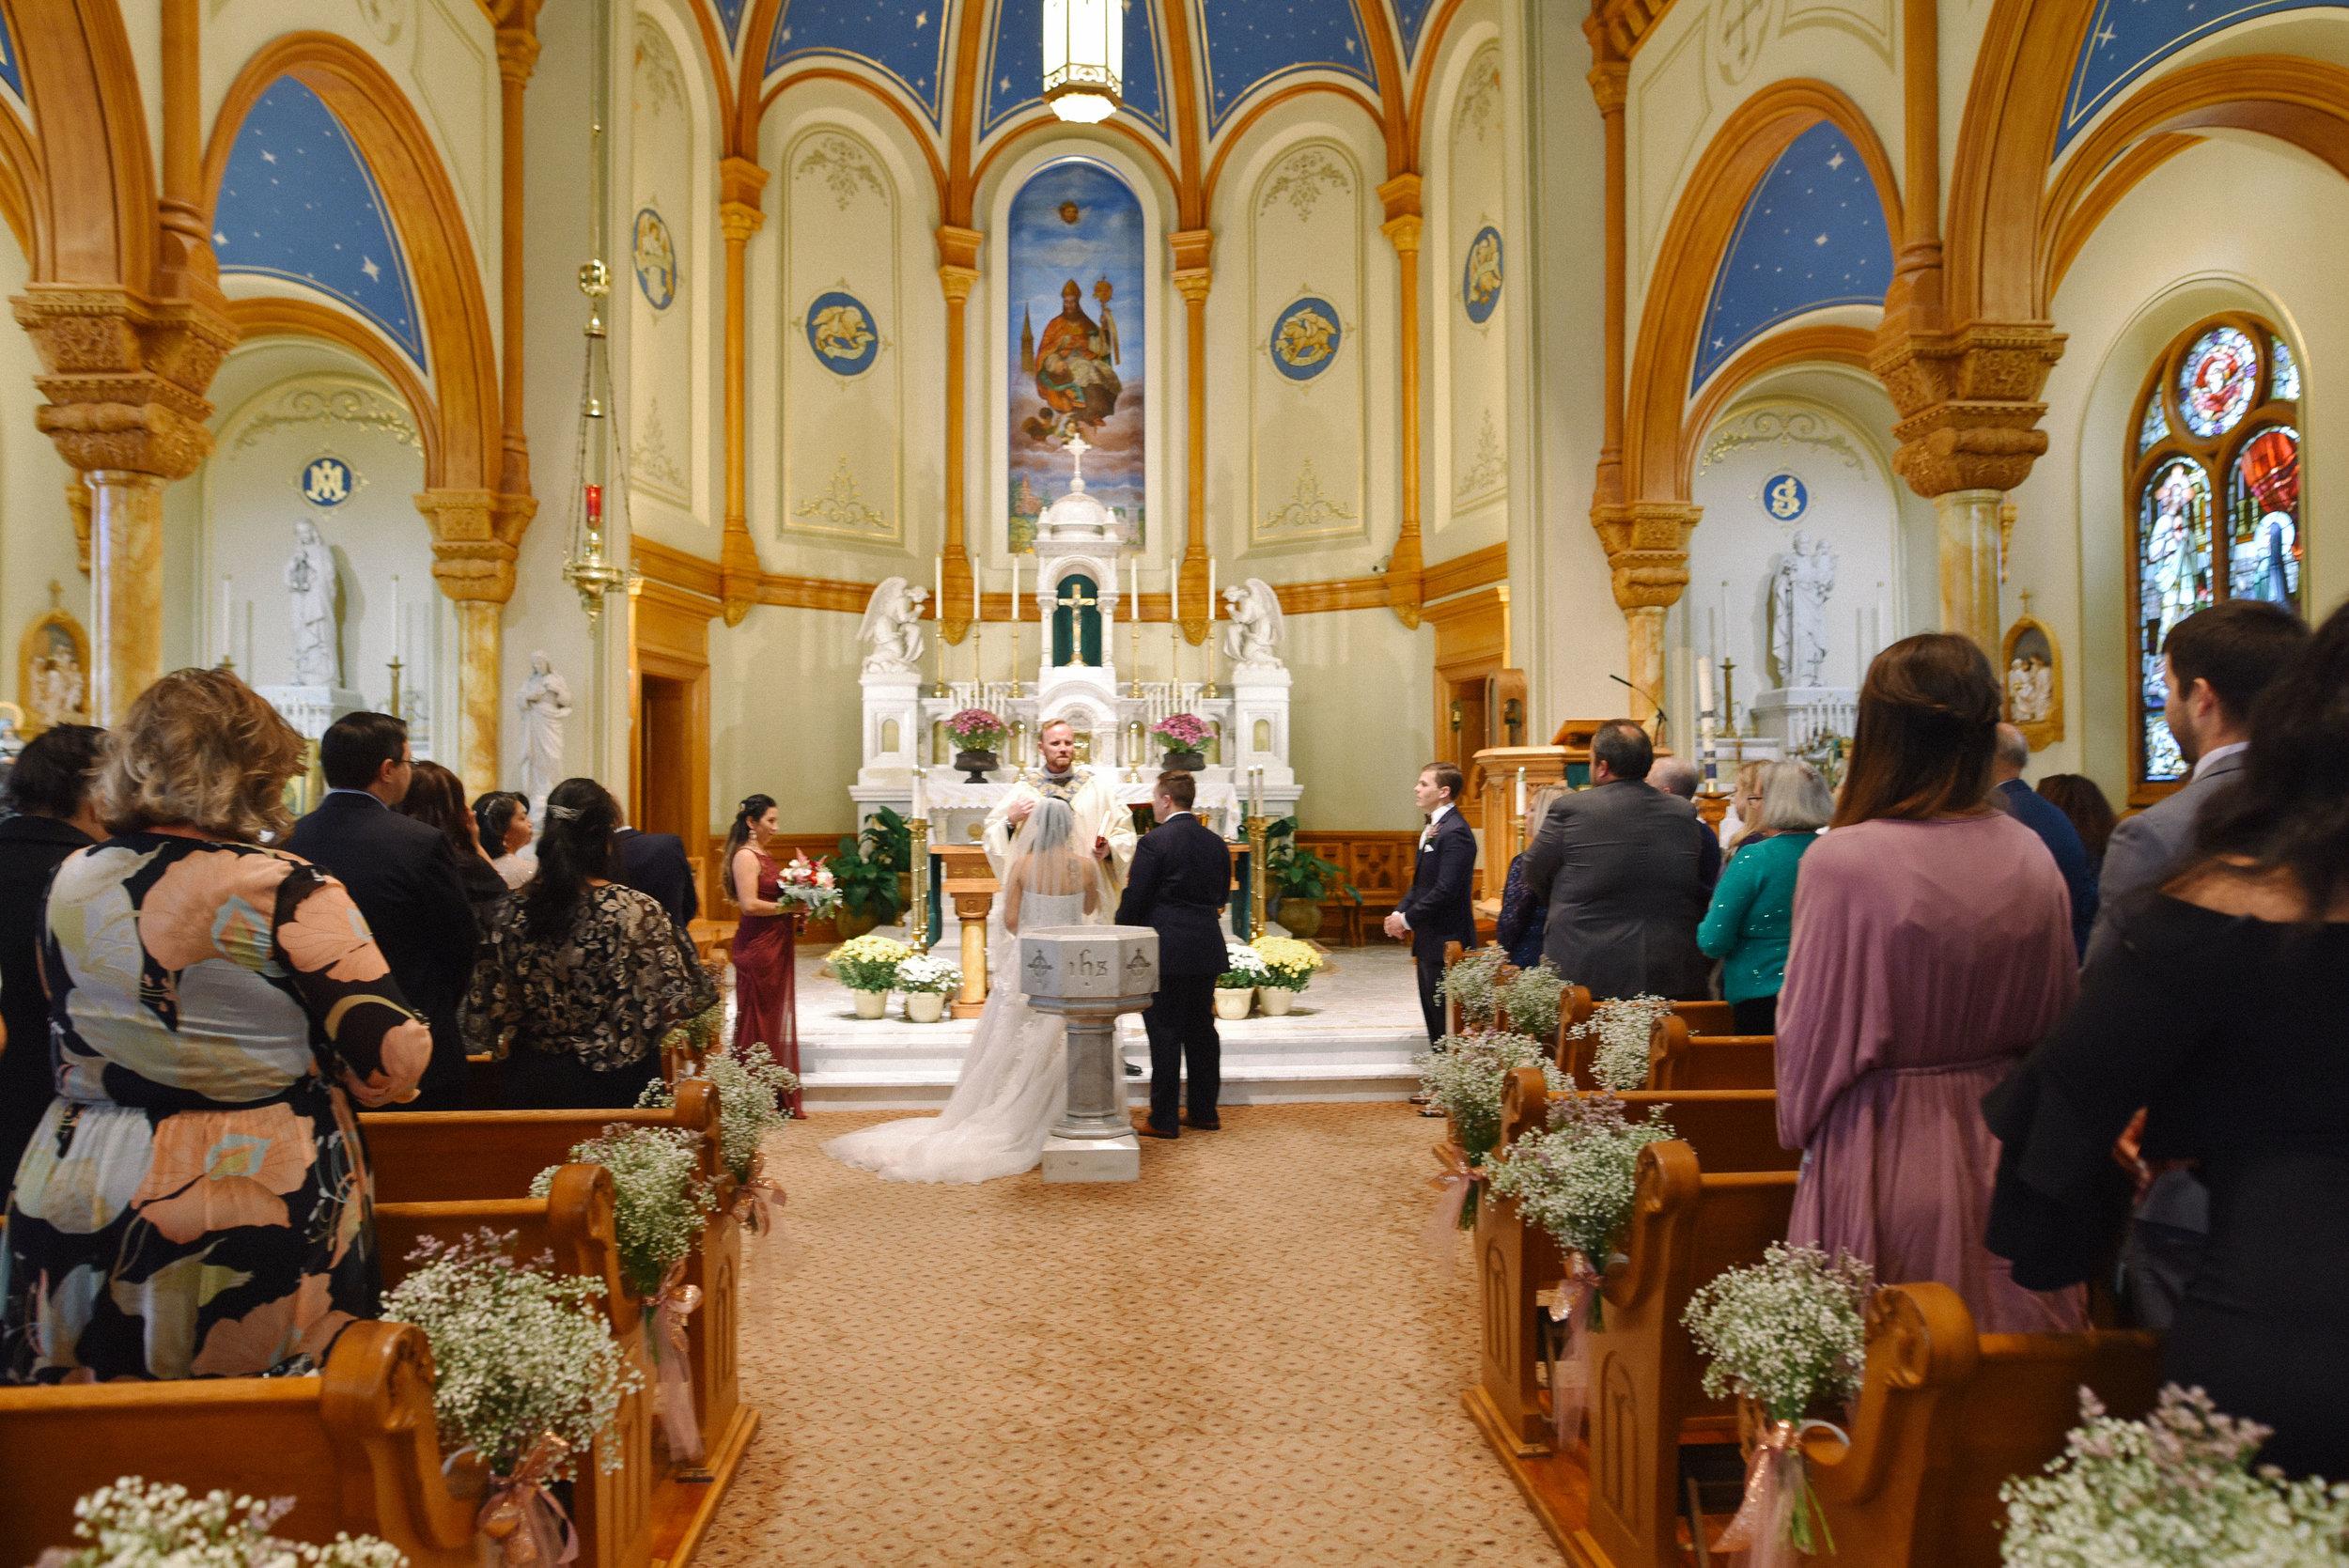 st_augustine_church_elkridge_wedding-20.jpg